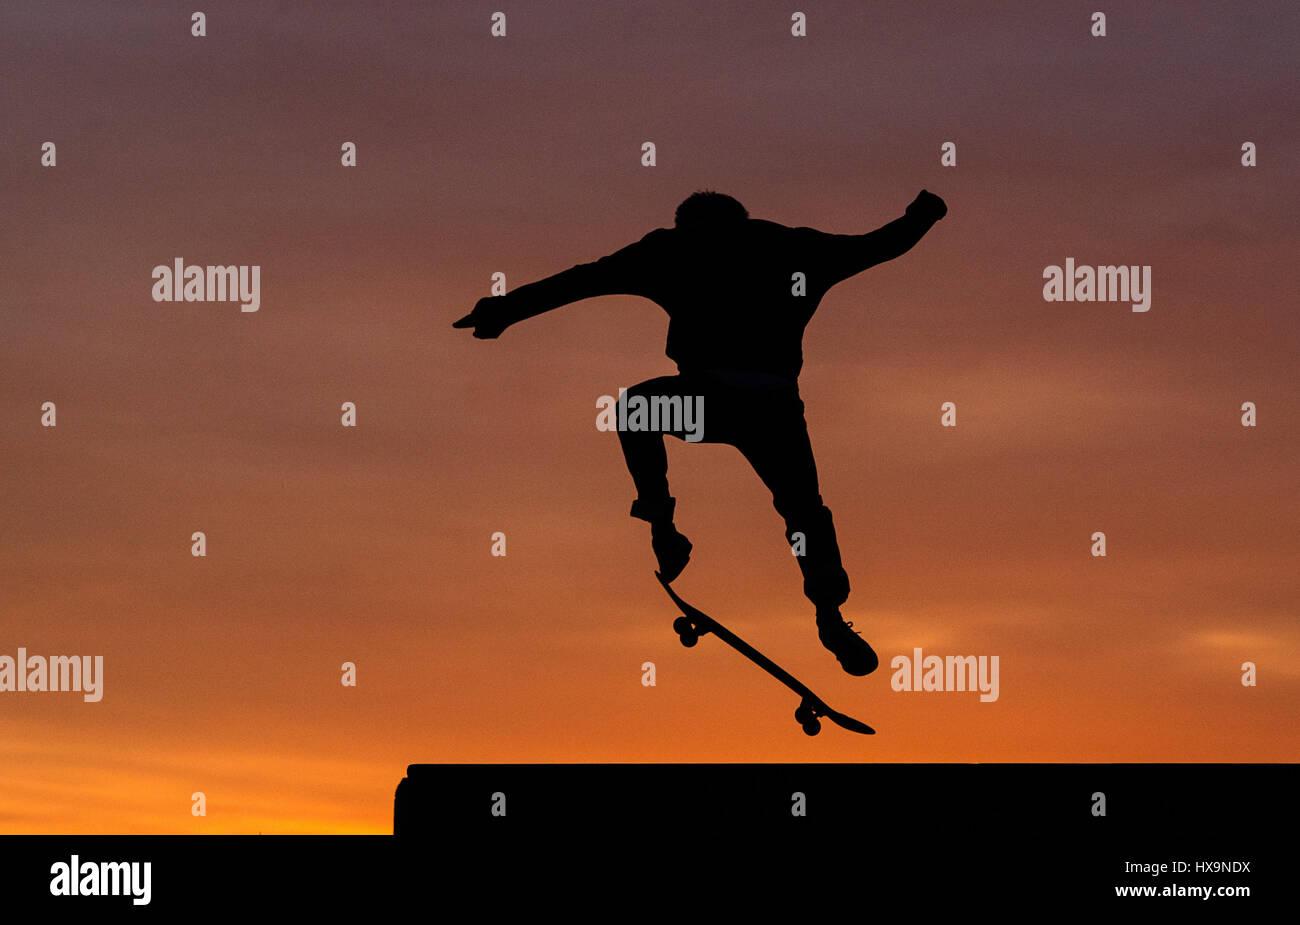 Berlín, Alemania. 25 Mar, 2017. Un patinador en acción al atardecer en TEMPELHOFER FELD (lit. Campo de Imagen De Stock